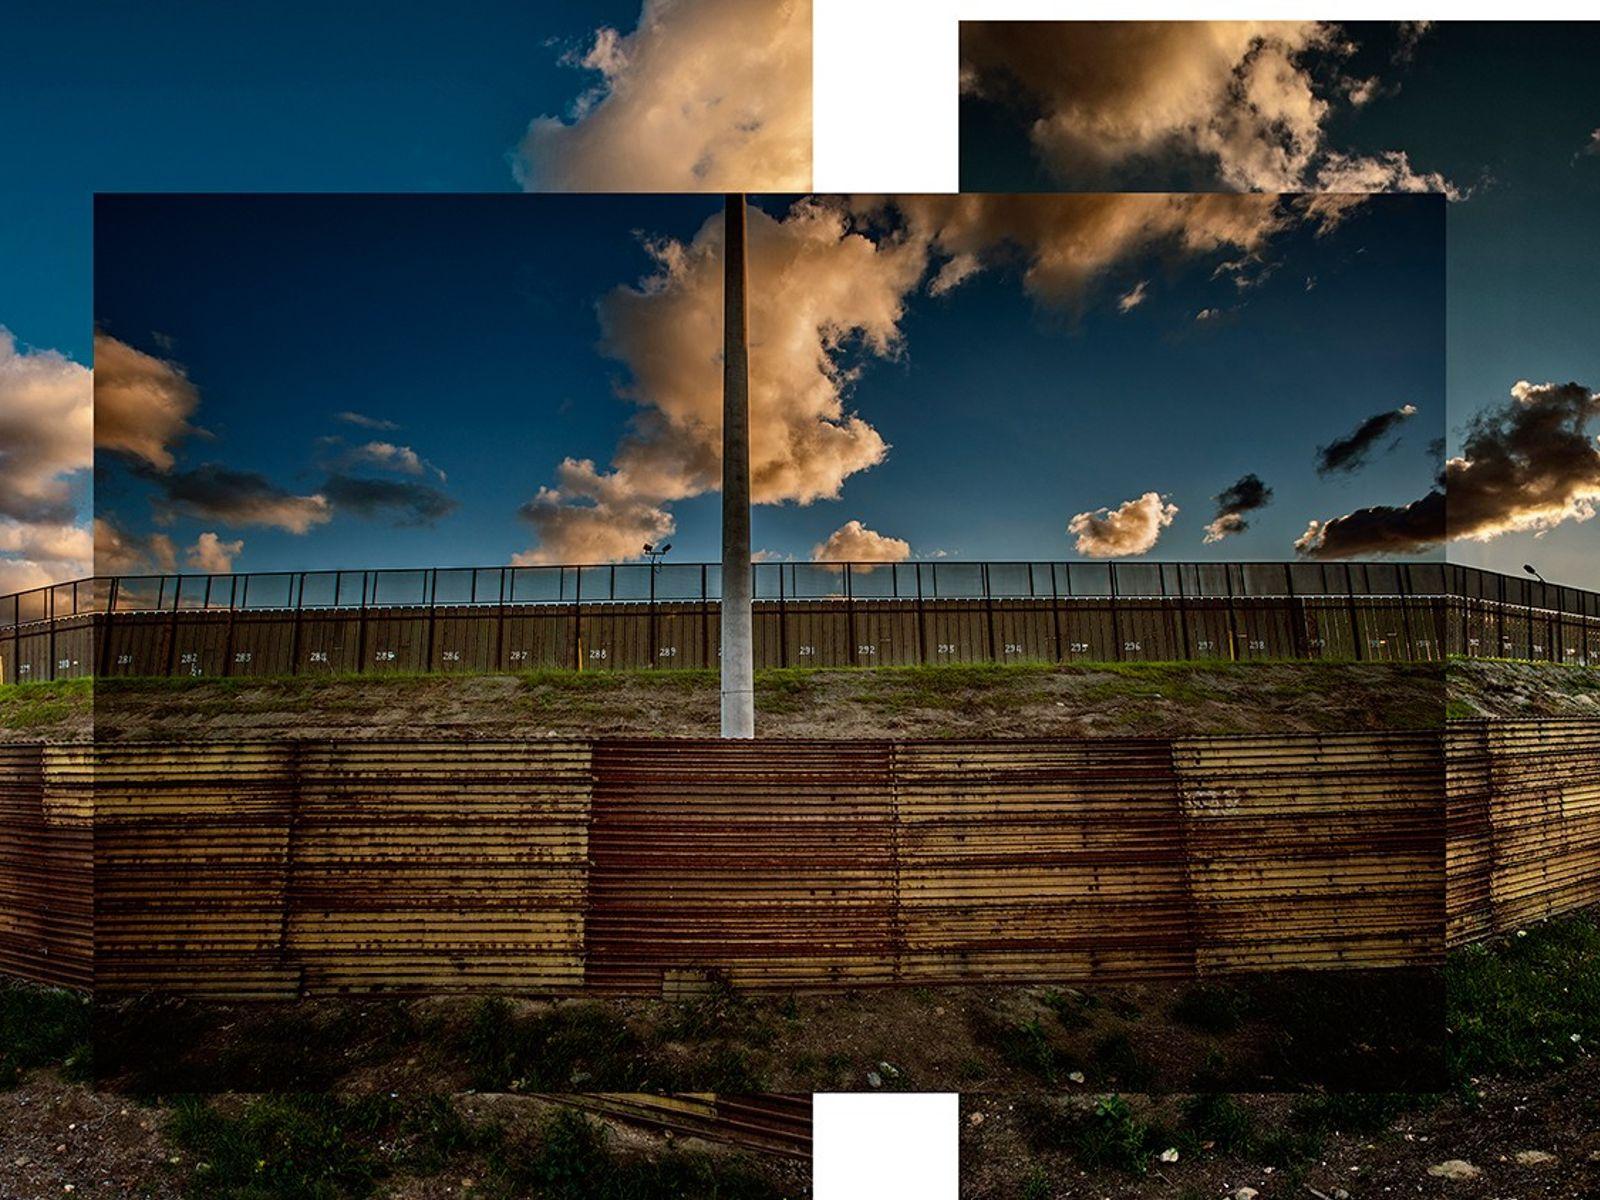 Un mur frontalier double, situé un peu plus à l'intérieur des terres des États-Unis, empêche les ...